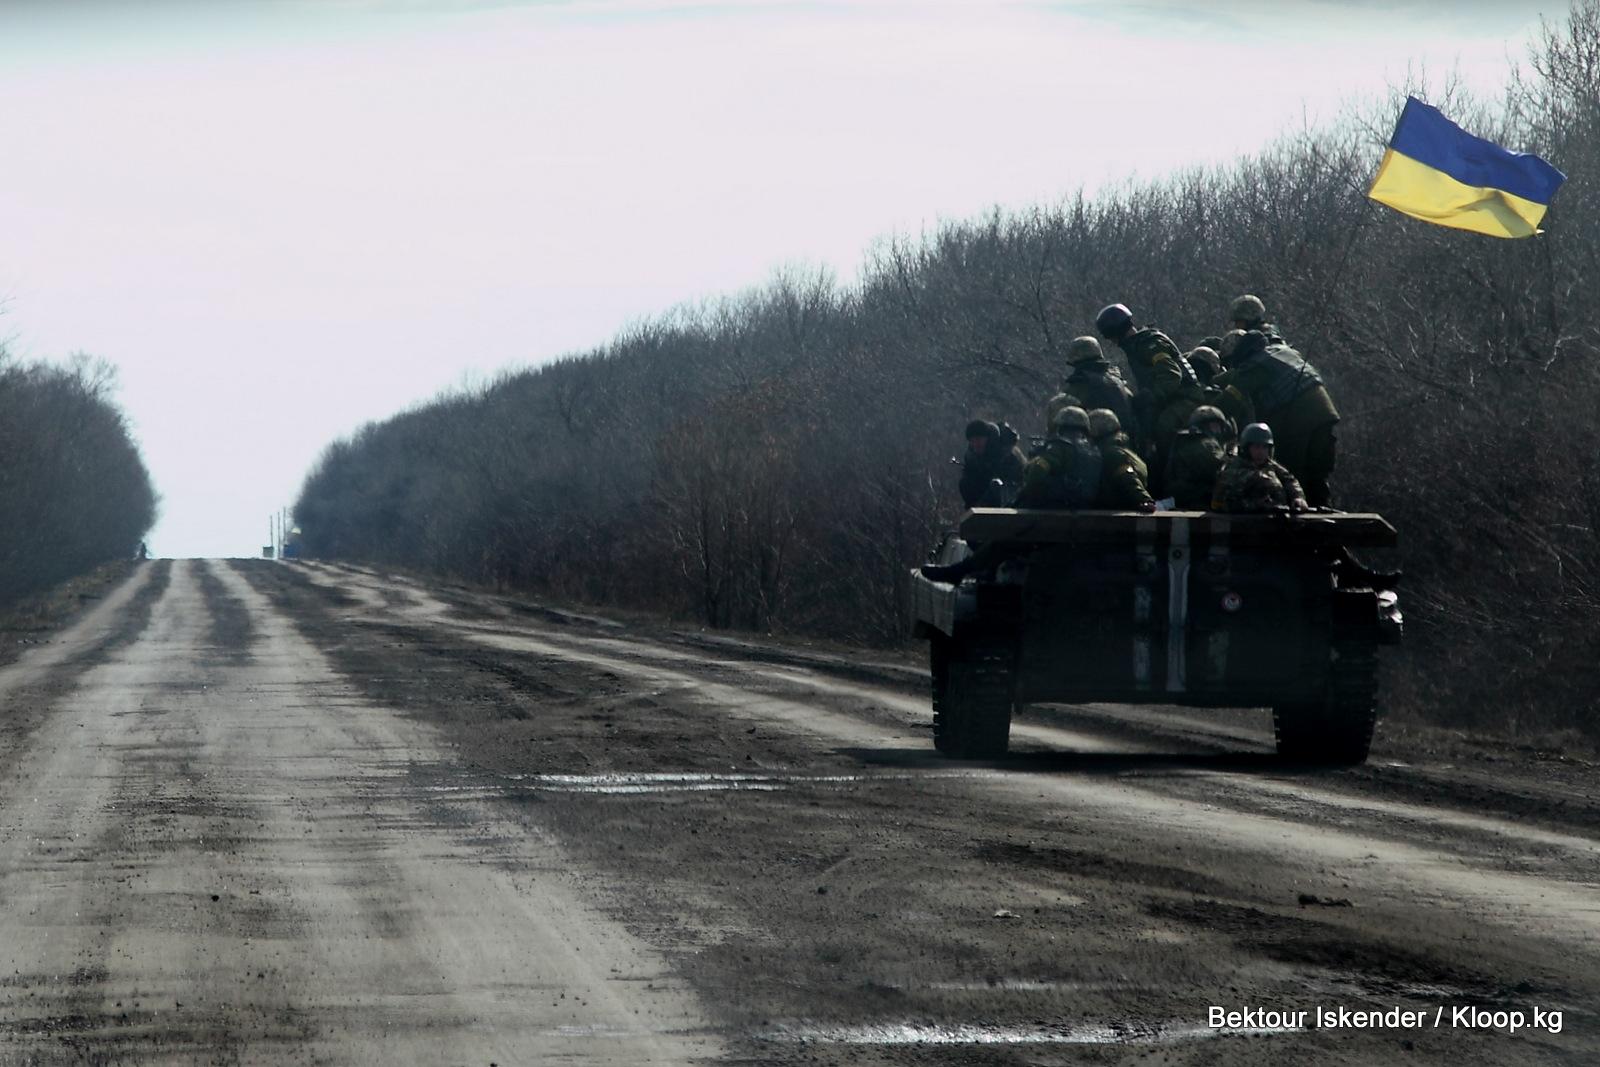 Украинский БТР направляется в сторону линии фронта недалеко от города Светлодарск Донецкой области. Фото: Бектур Искендер / Kloop.kg